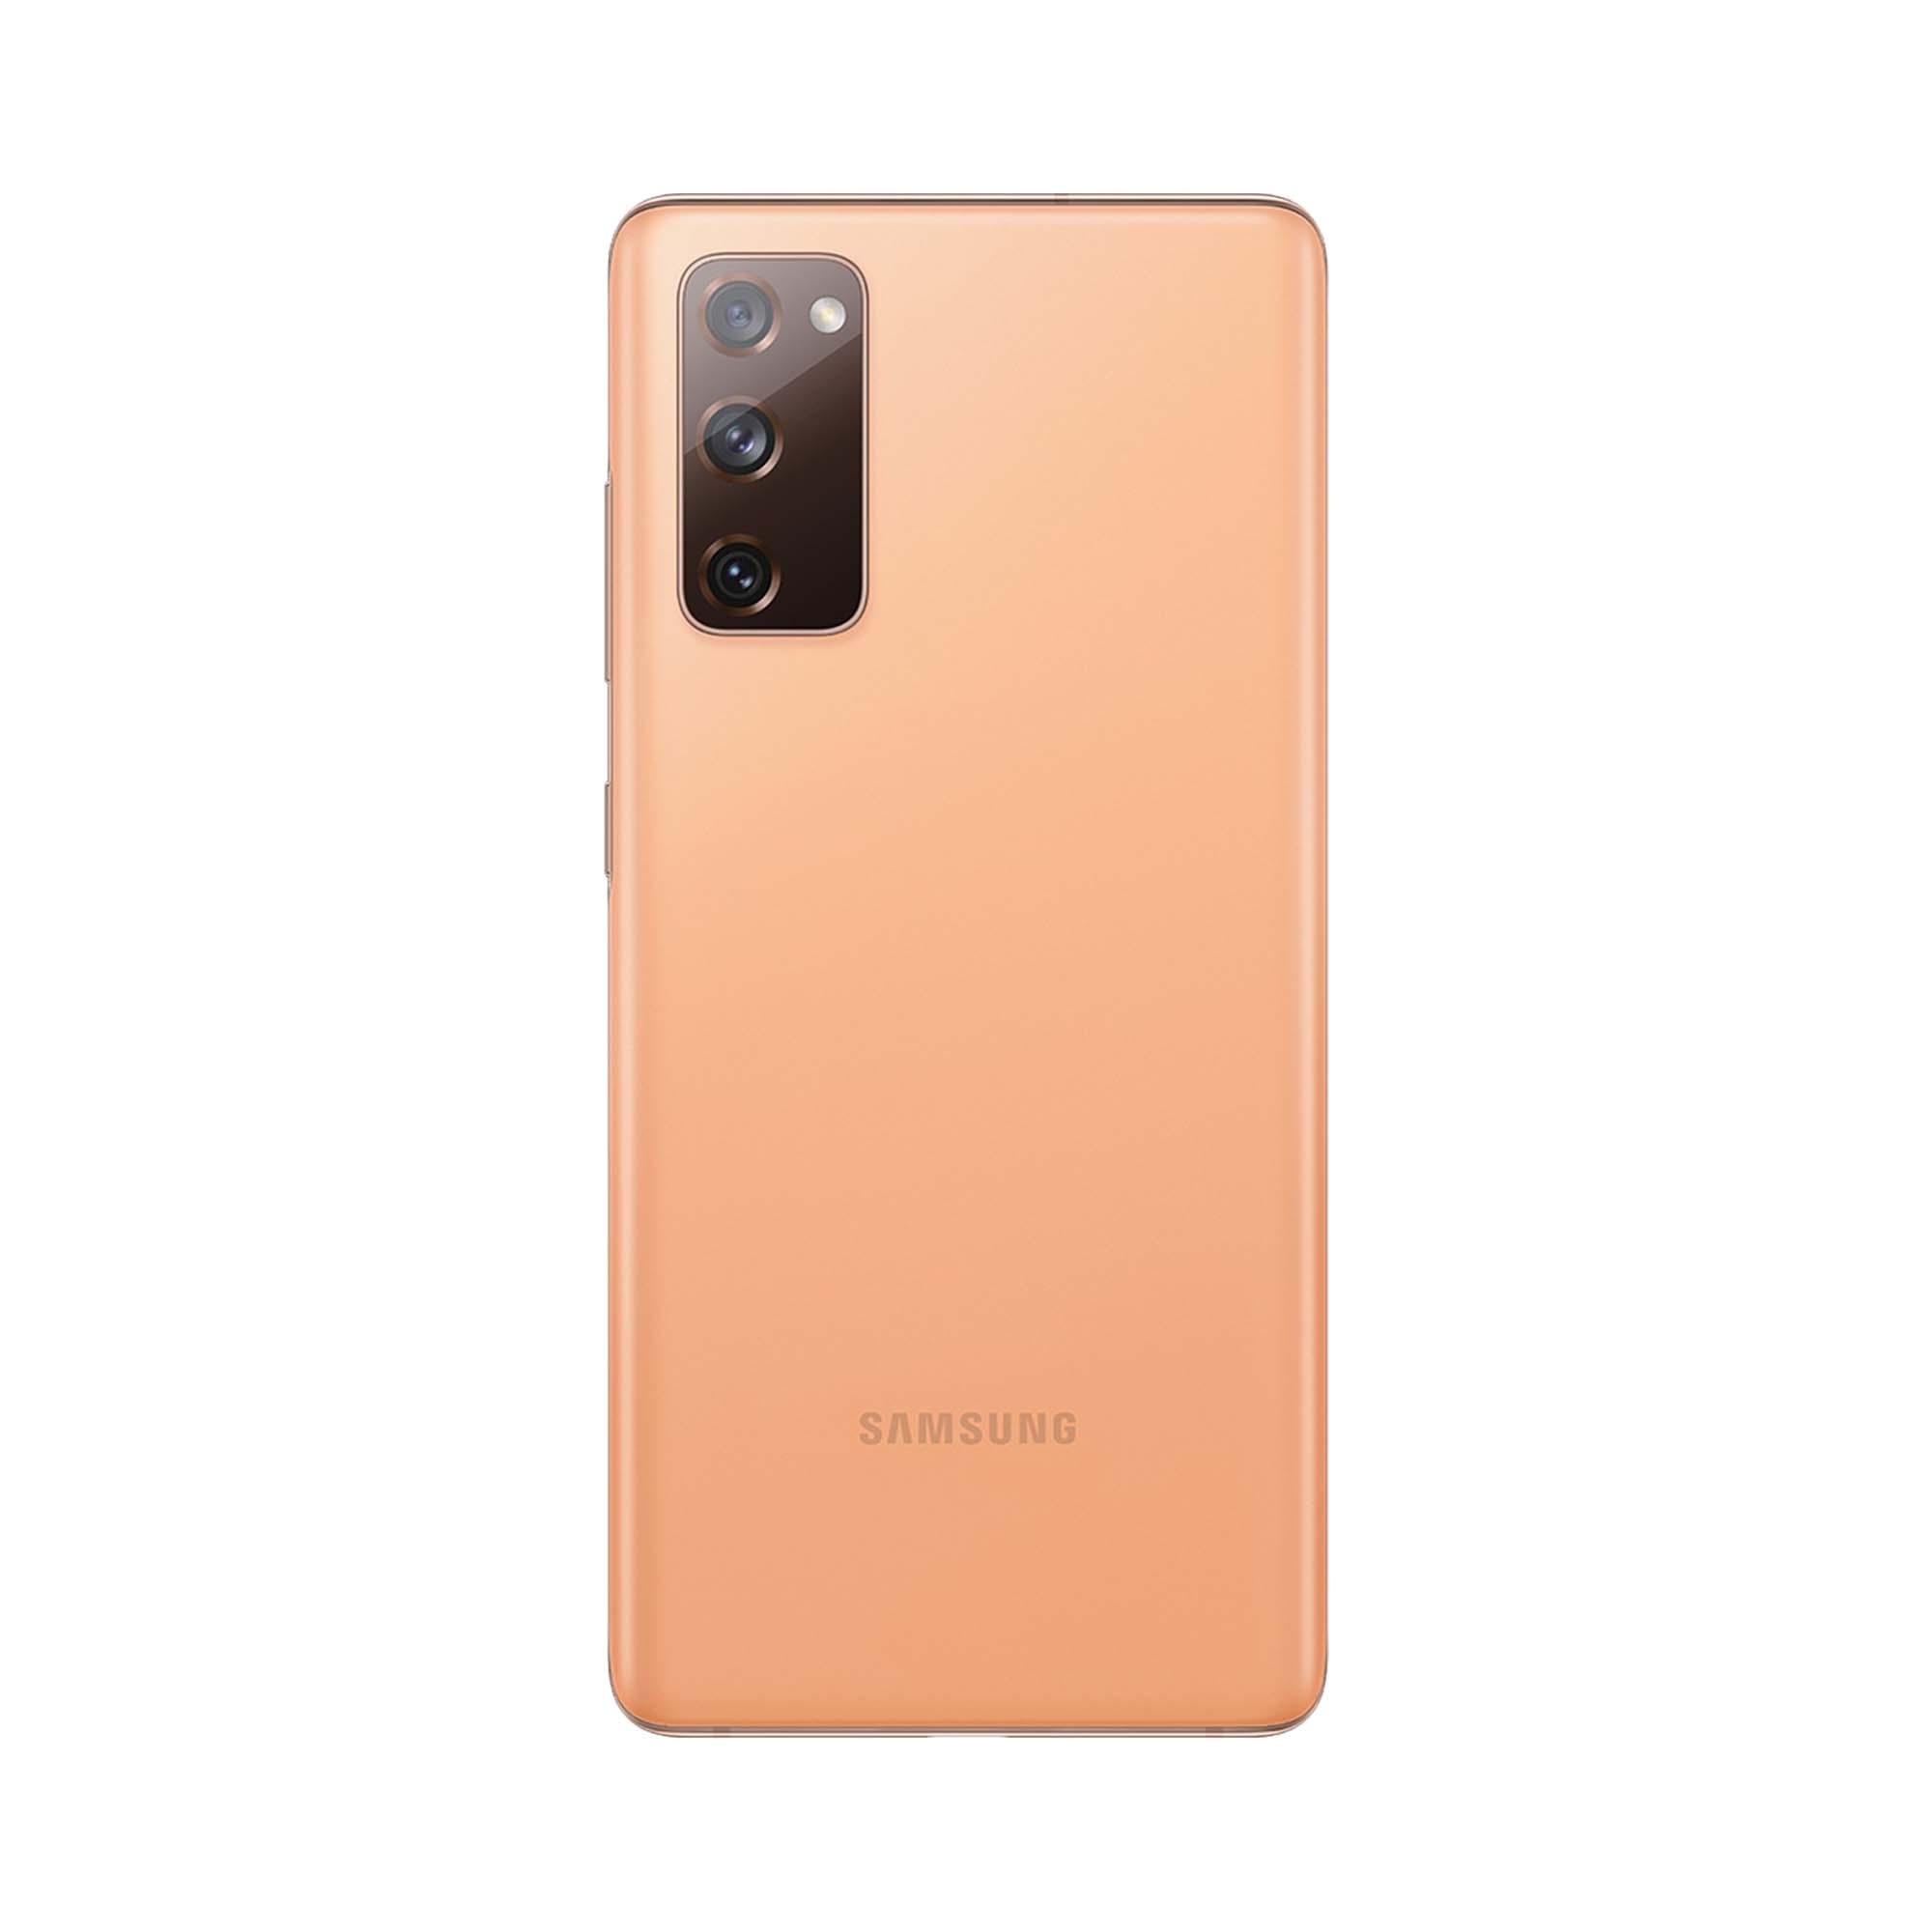 Samsung Galaxy S20 FE 128 GB Turuncu